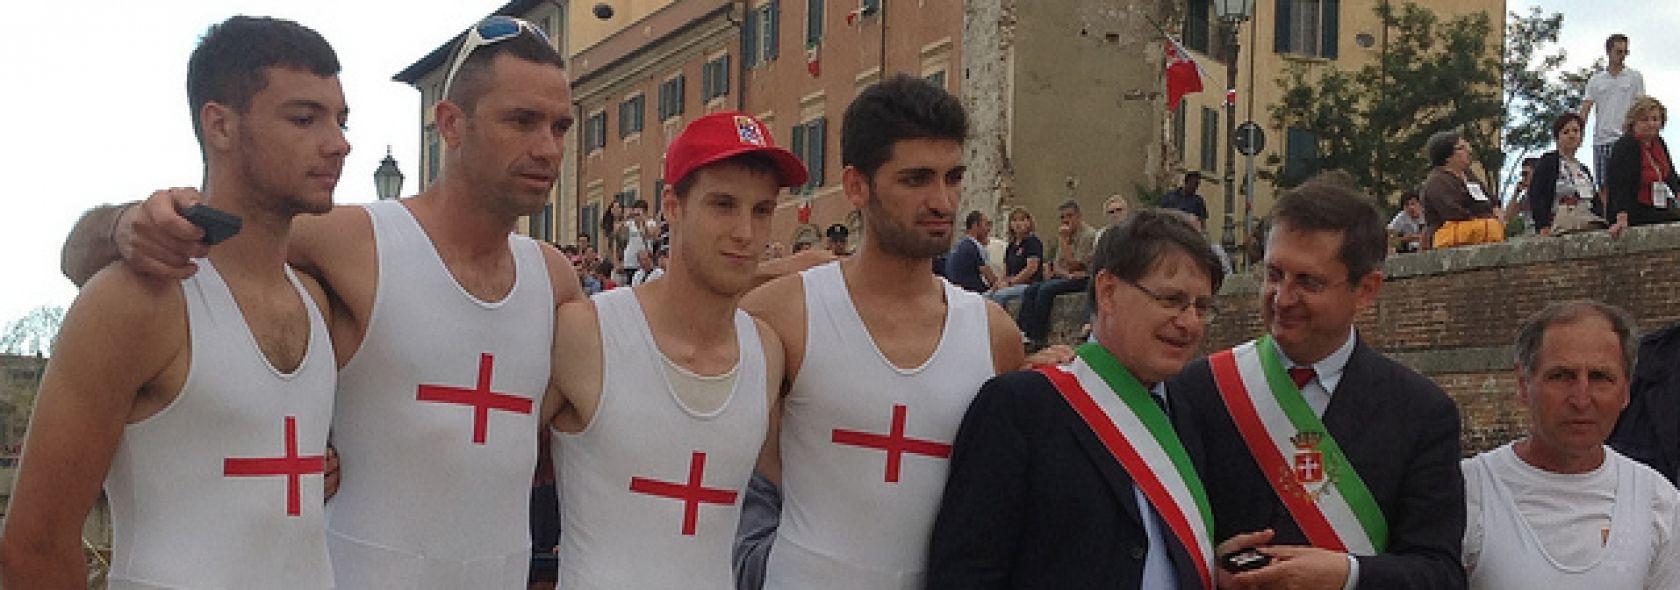 La Regata delle Antiche Repubbliche Marinare - Pisa 2013 - ©genovacittadigitale